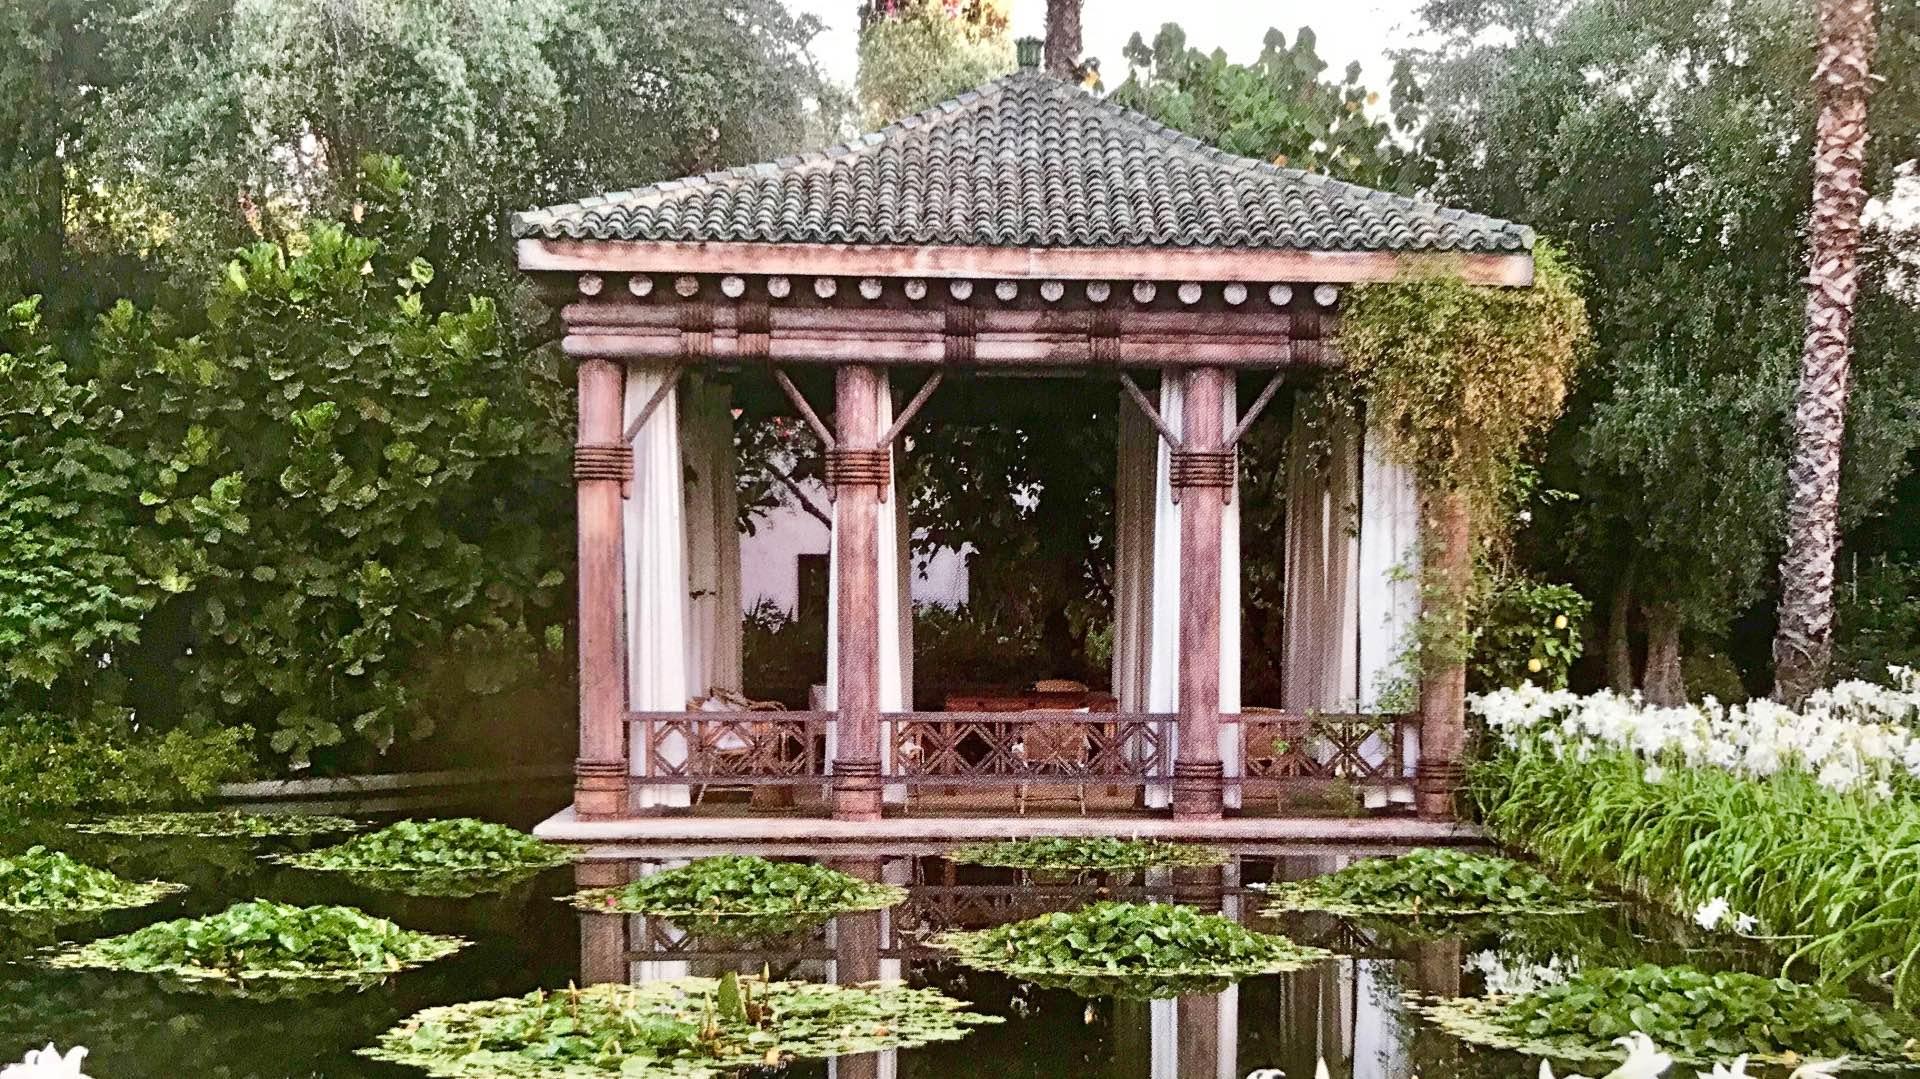 Architetto Di Giardini la rosa d'oro a madison cox, l'artista dei giardini – le vie